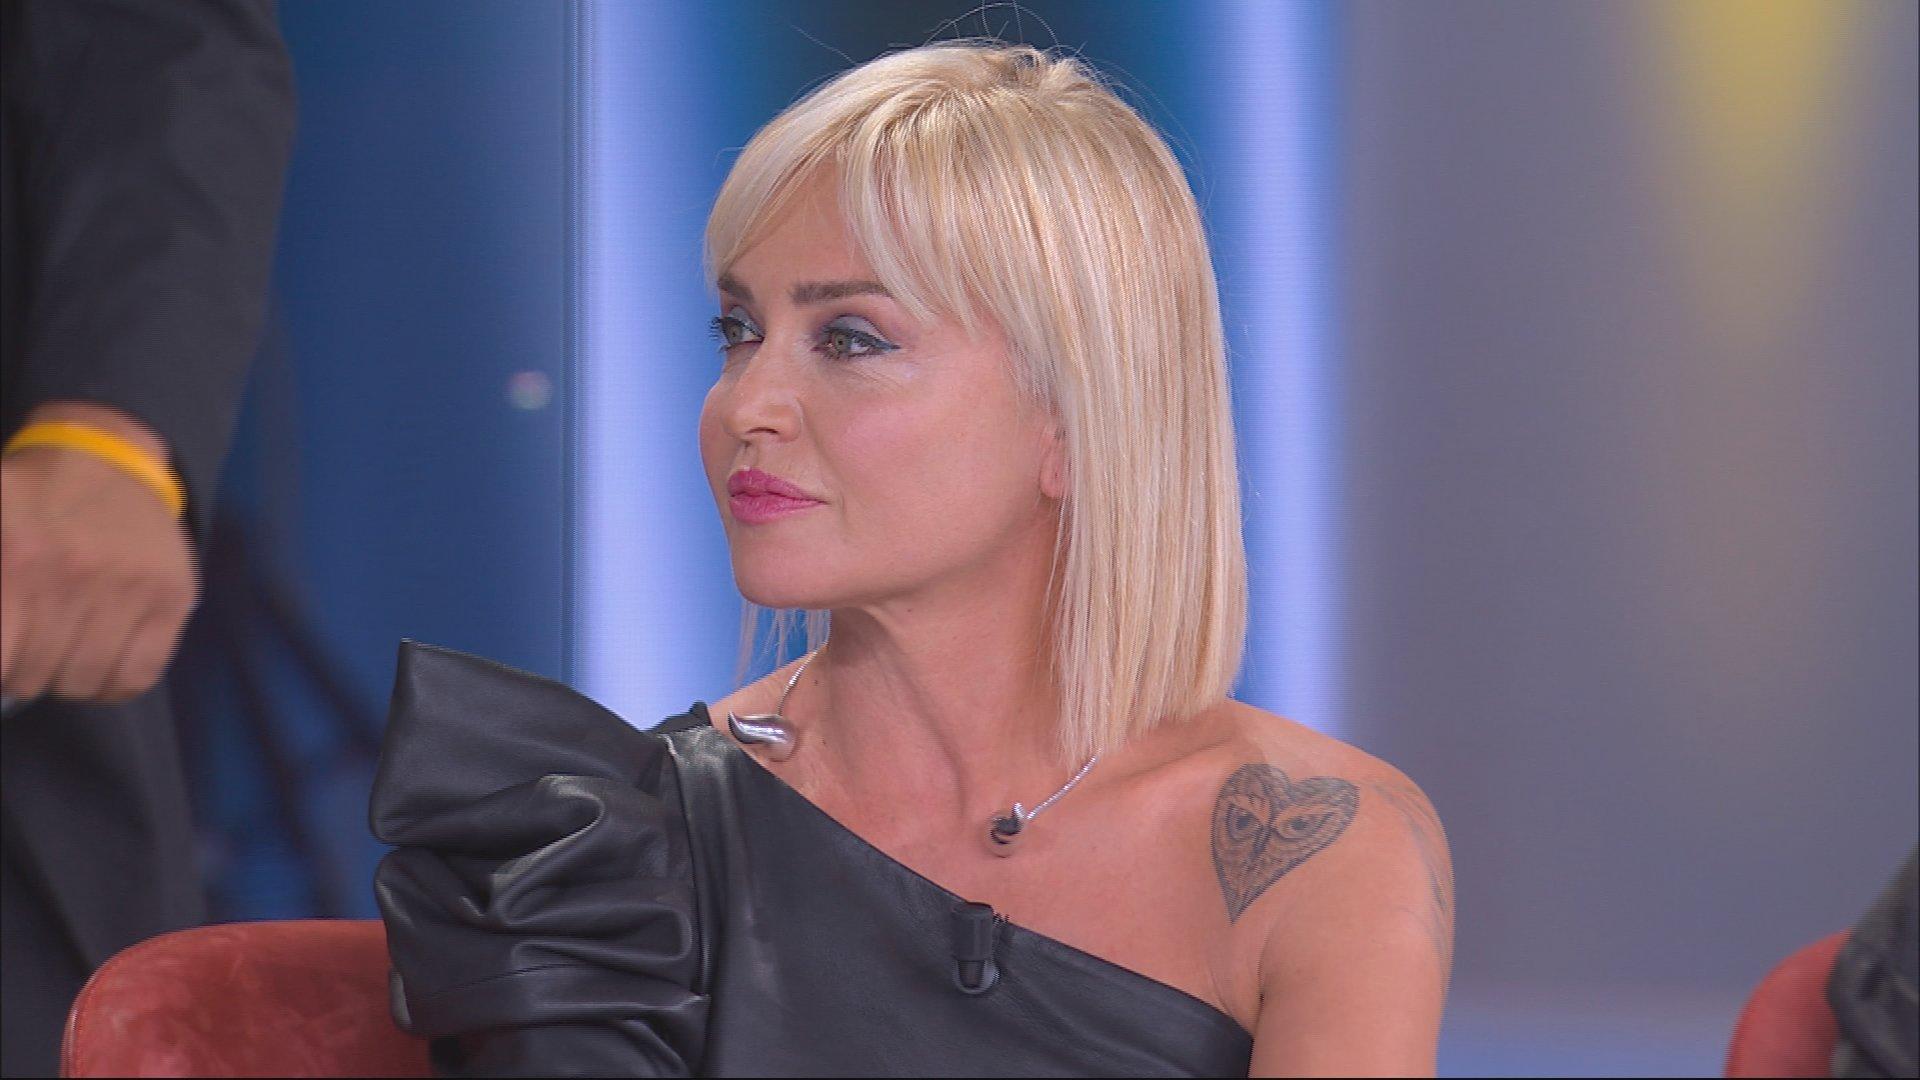 Paola Barale dure parole contro Gianni Sperti a Live Non è la D'Urso